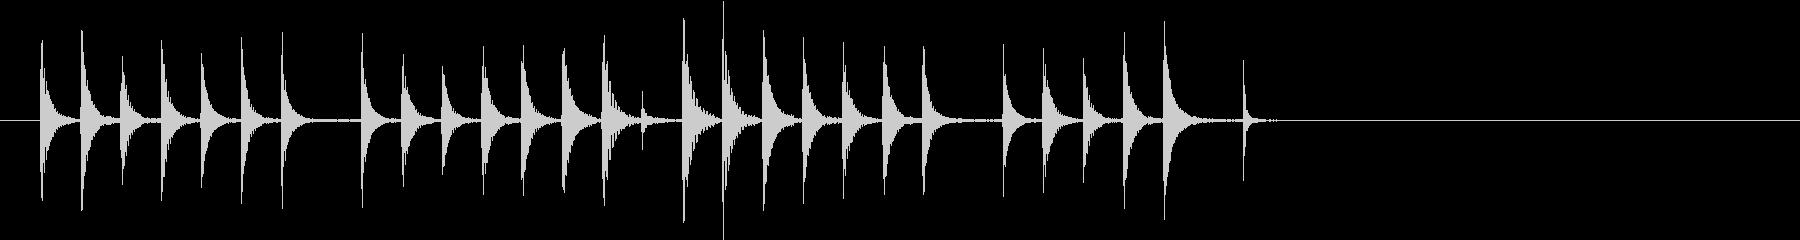 コミカルなイメージのSEの未再生の波形